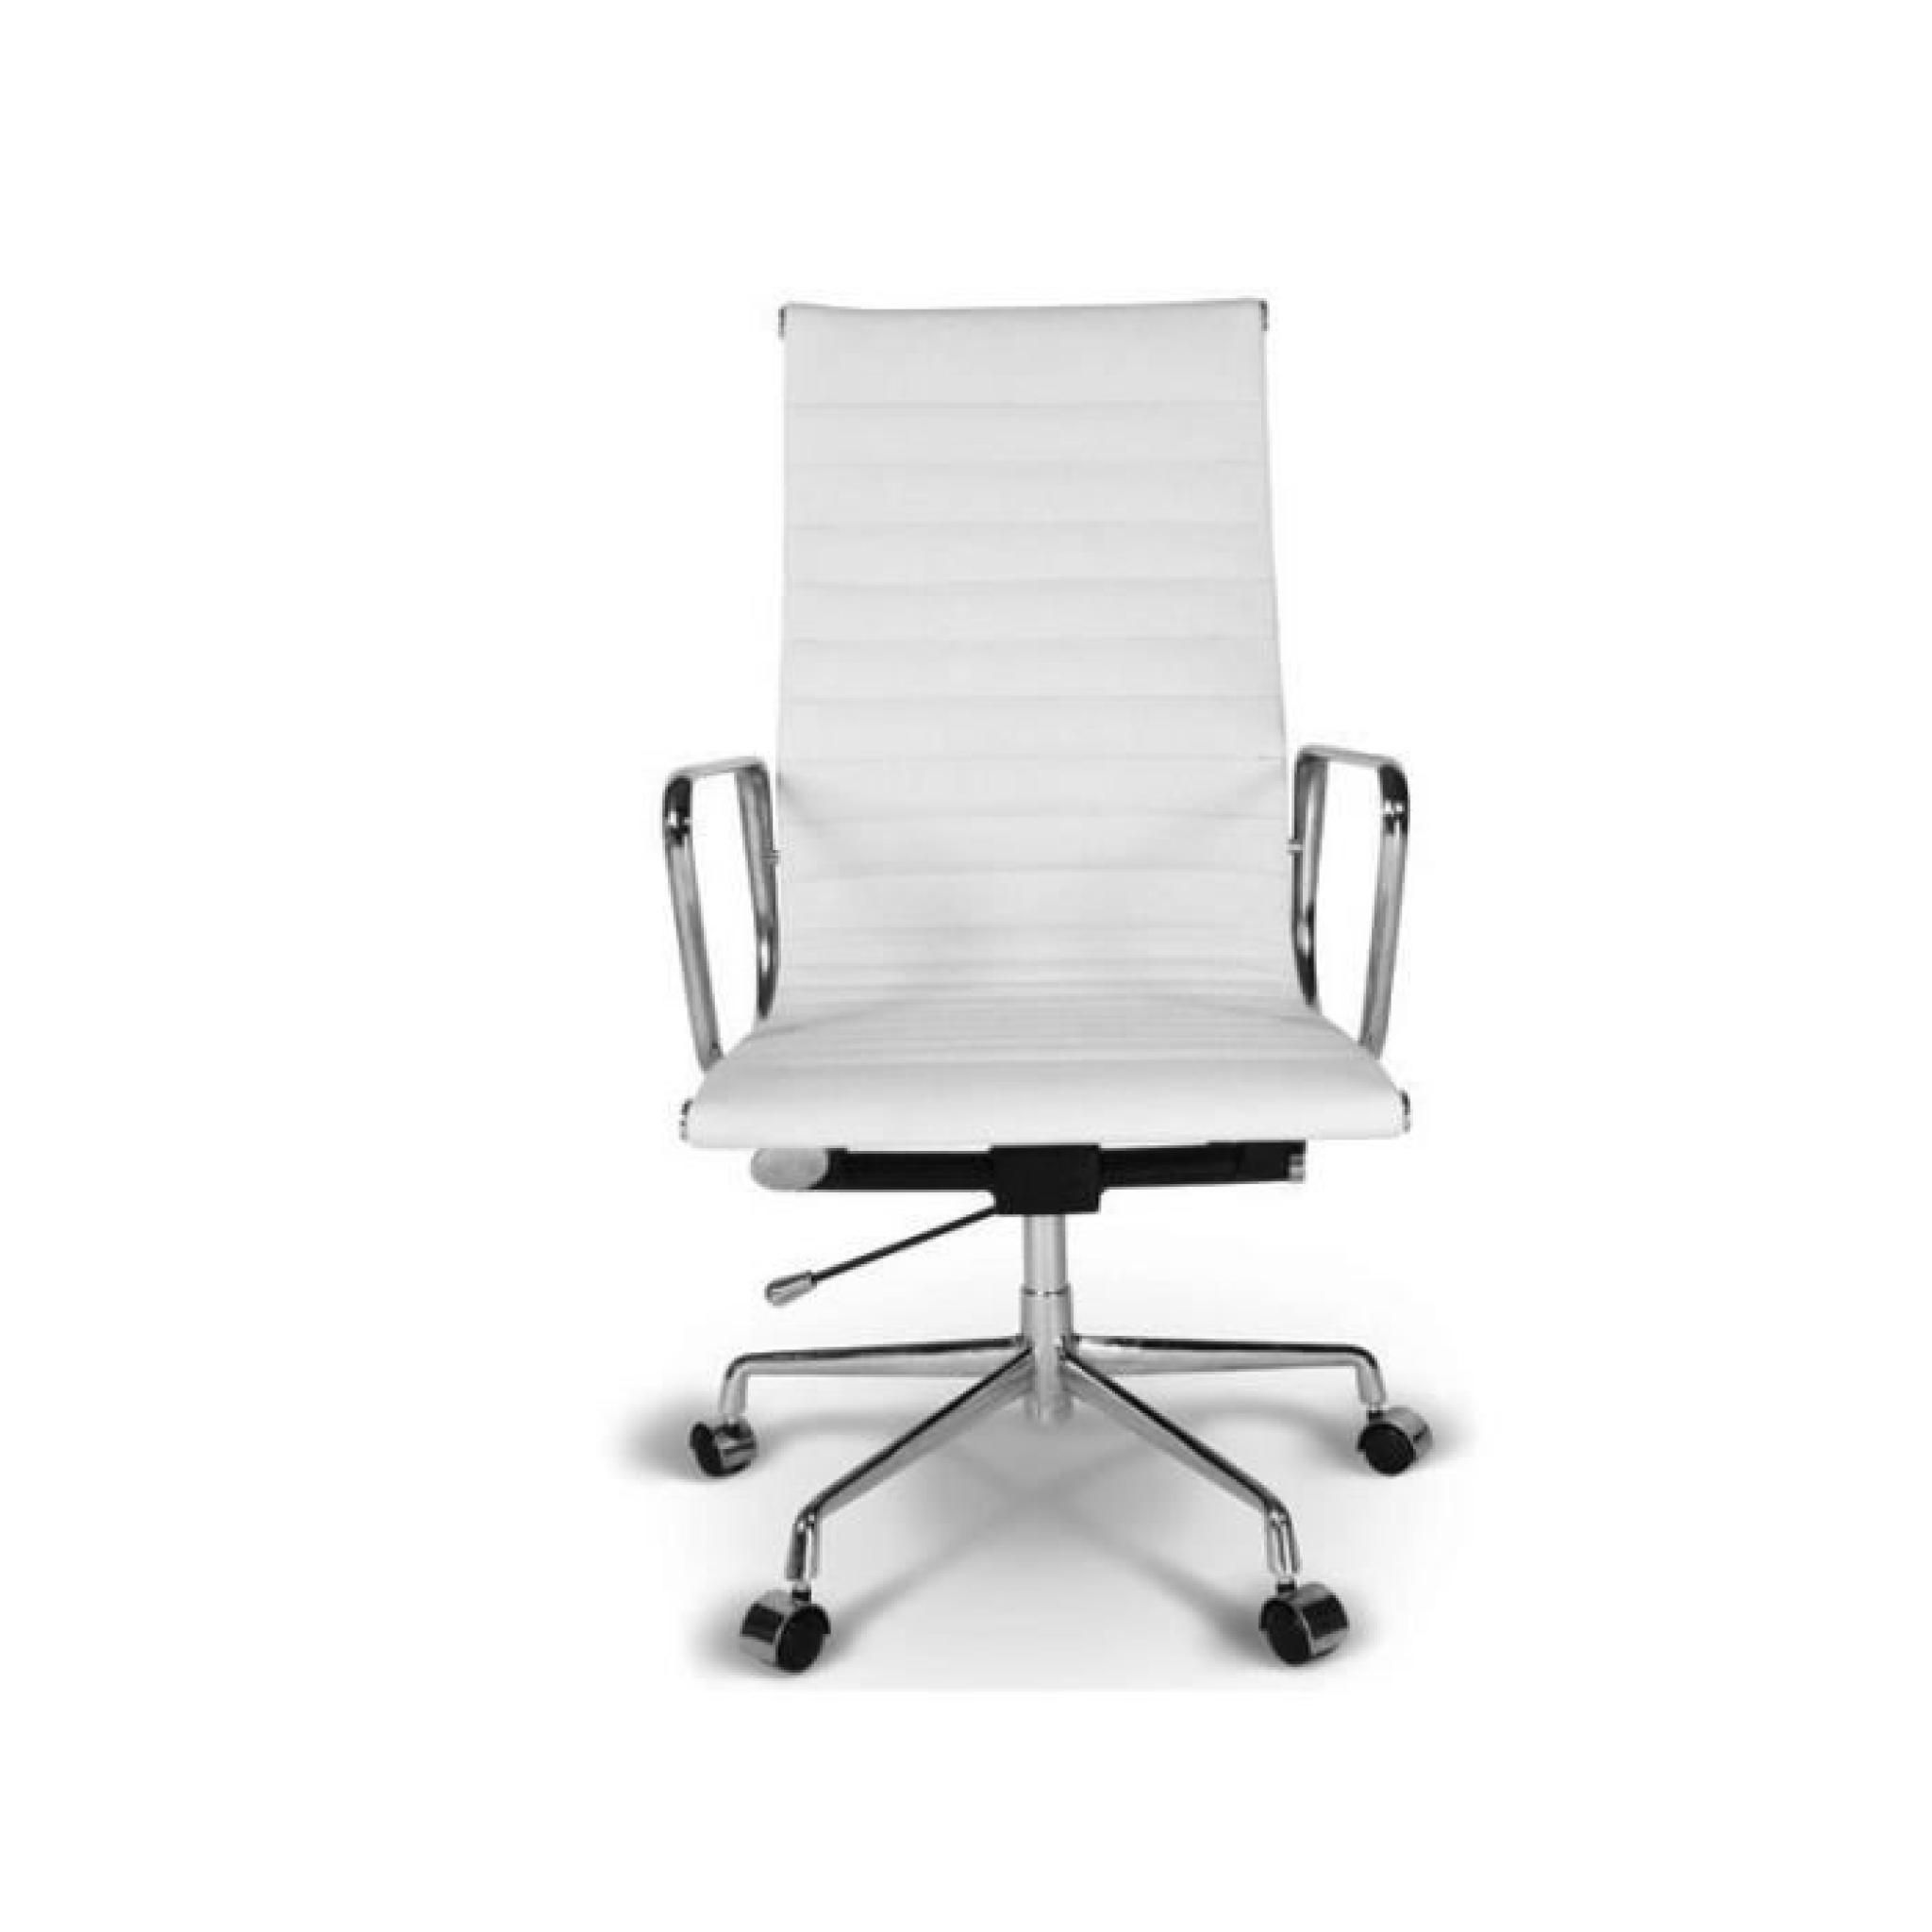 chaise eames alu ea119 blanc achat vente chaise salle a manger pas cher couleur et. Black Bedroom Furniture Sets. Home Design Ideas